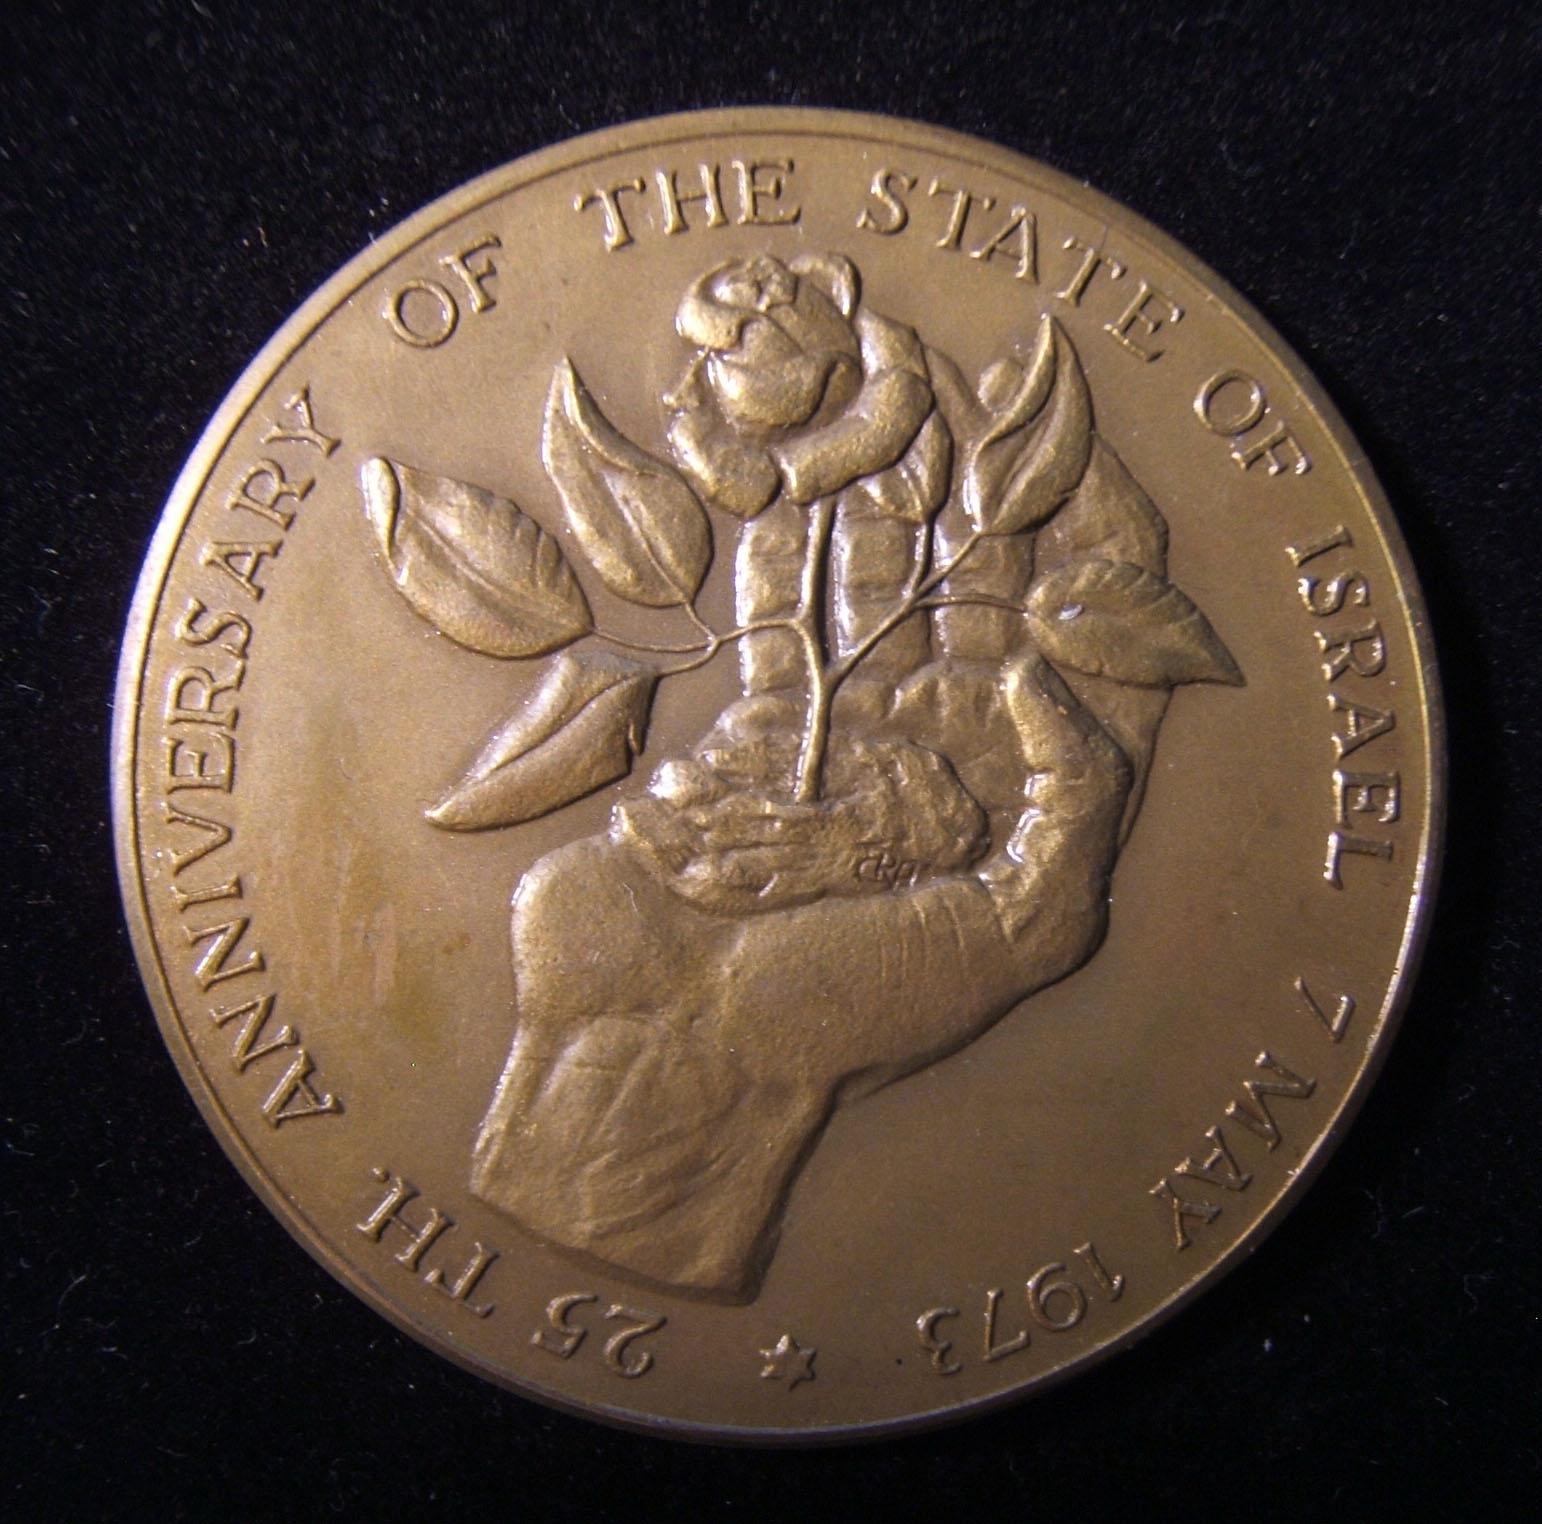 Israel: 25. Jahrestag von Israel, Bronzemedaille von Rudi Augustinus (Rudolf Cornelis [Ruud] Augustinus), 1973; Größe: 50,5 mm; Gewicht: 47,9 g. Vorderseite zeigt angehobenen Hand